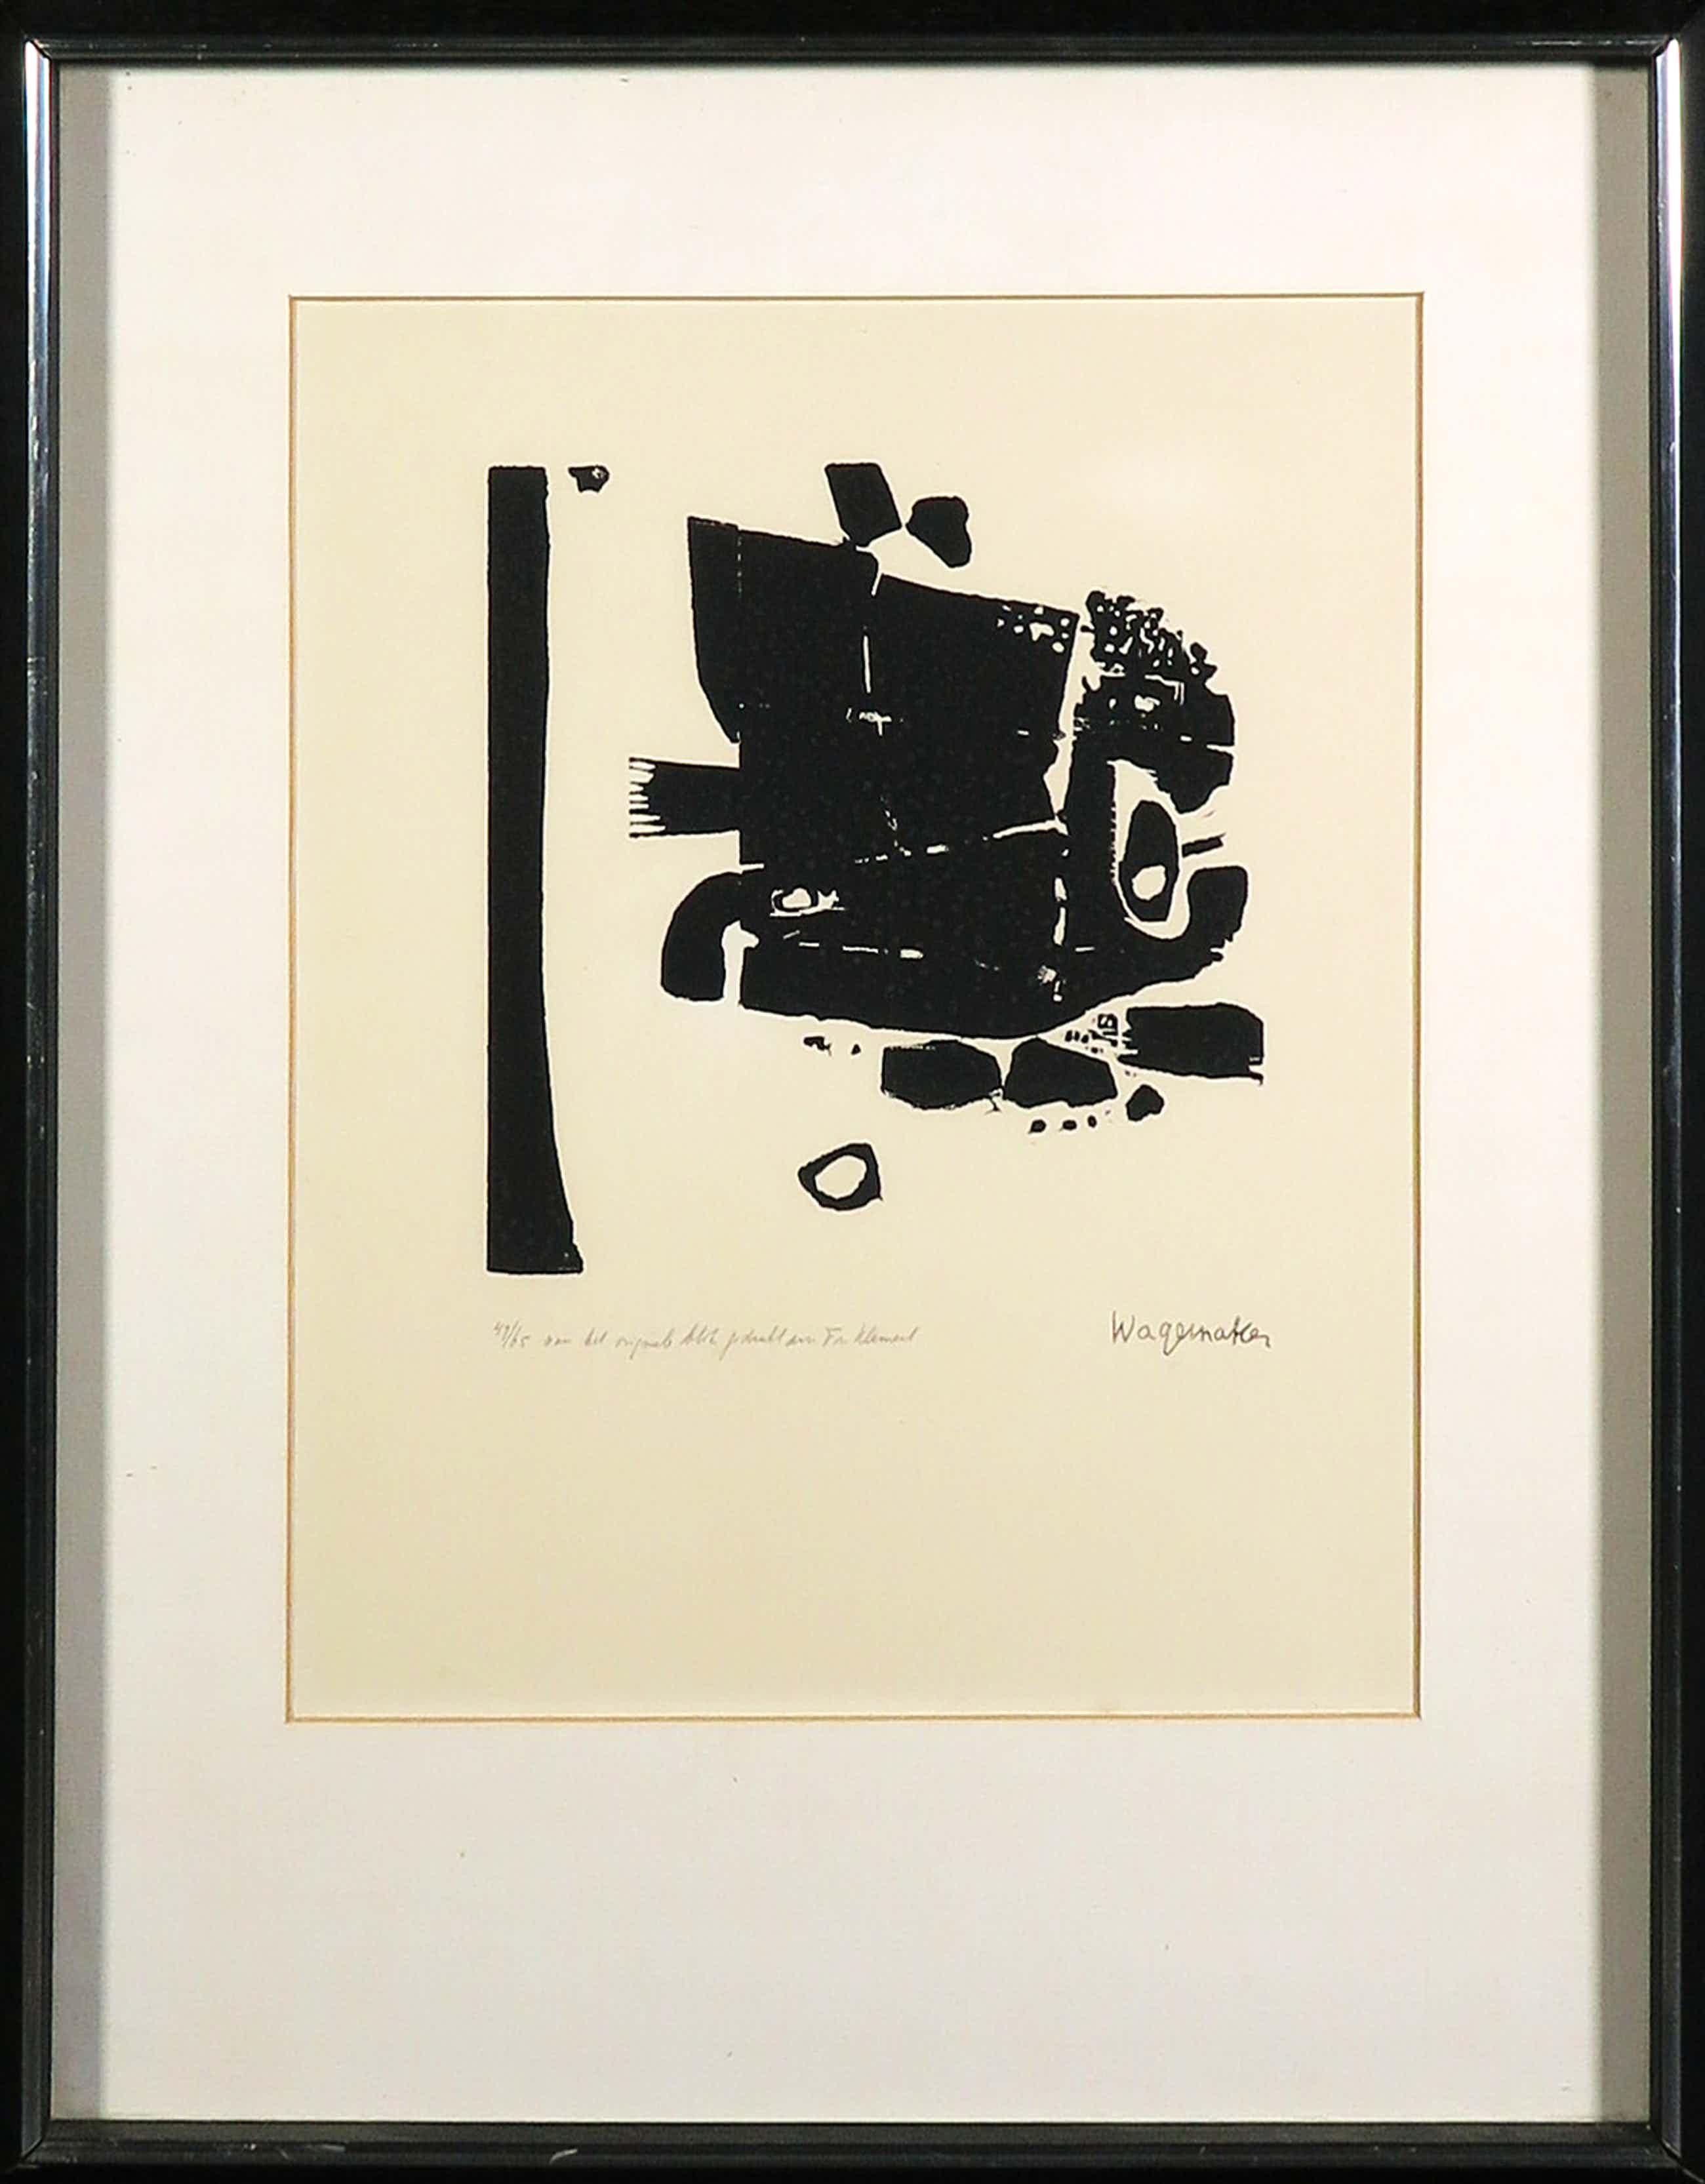 Jaap Wagemaker - Houtsnede, Abstracte compositie - Ingelijst kopen? Bied vanaf 60!